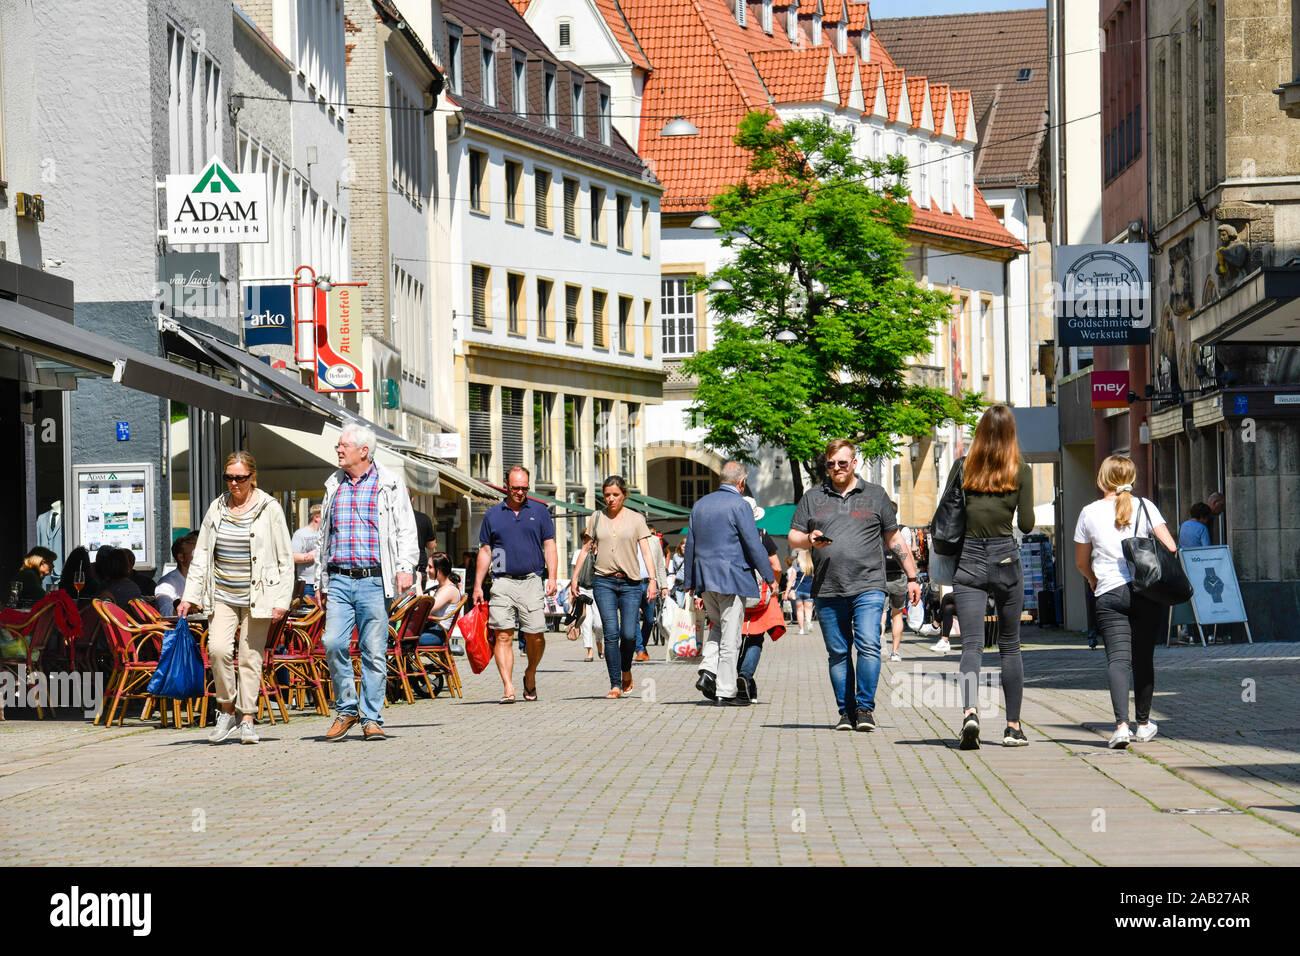 Straßenszene, Einkaufstraße Obernstraße, Bielefeld, Nordrhein-Westfalen, Deutschland Stock Photo